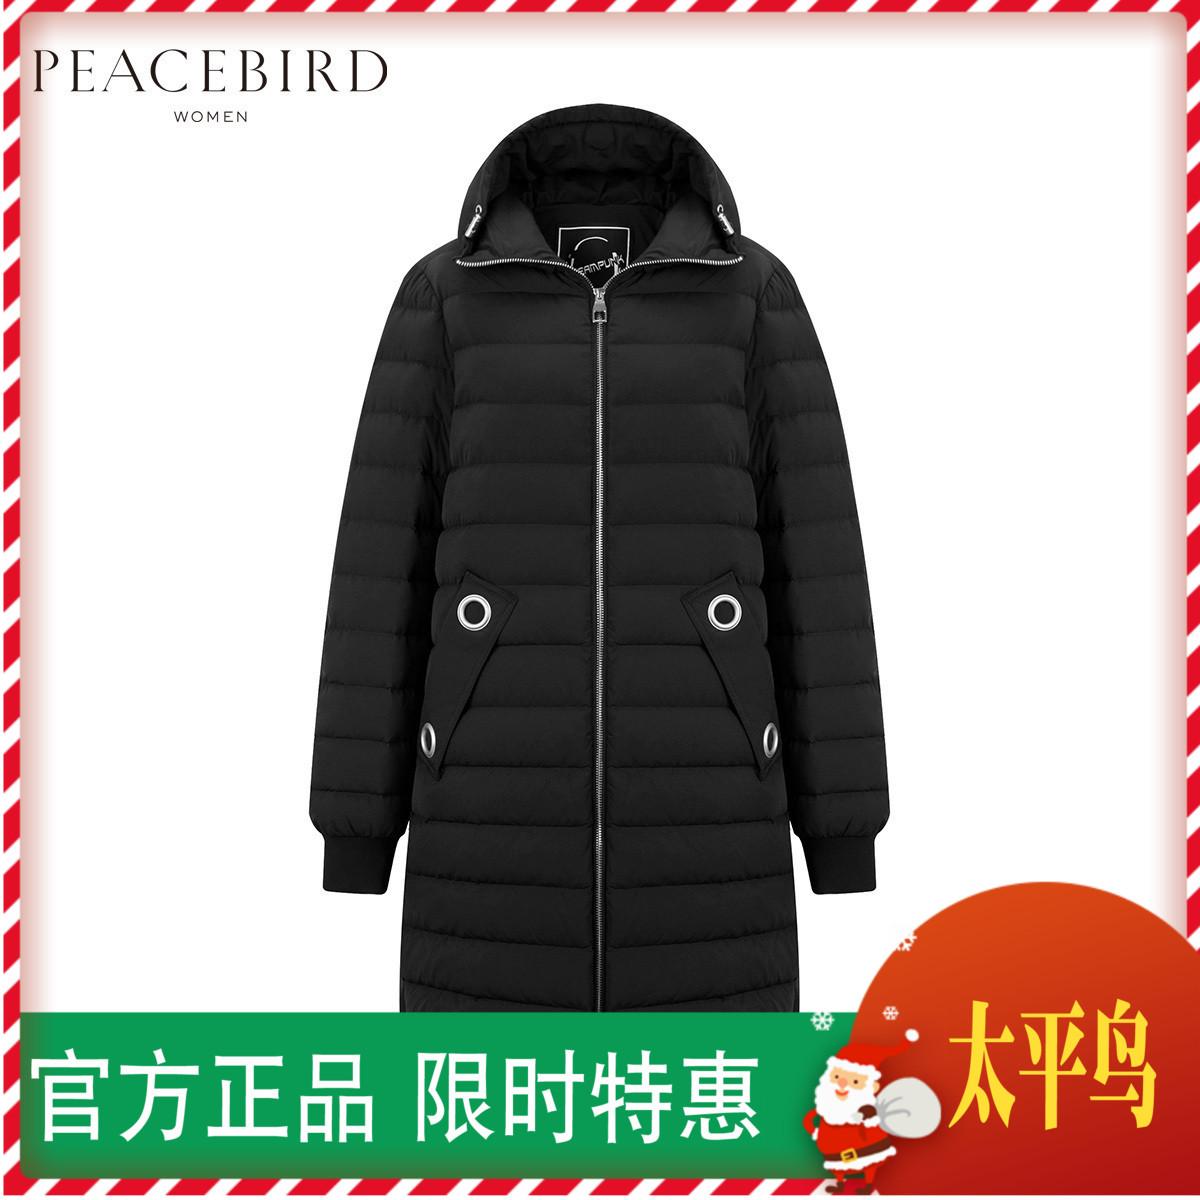 太平鸟正品女装冬季女士时尚路中长款轻薄羽绒服直筒加厚大衣外套